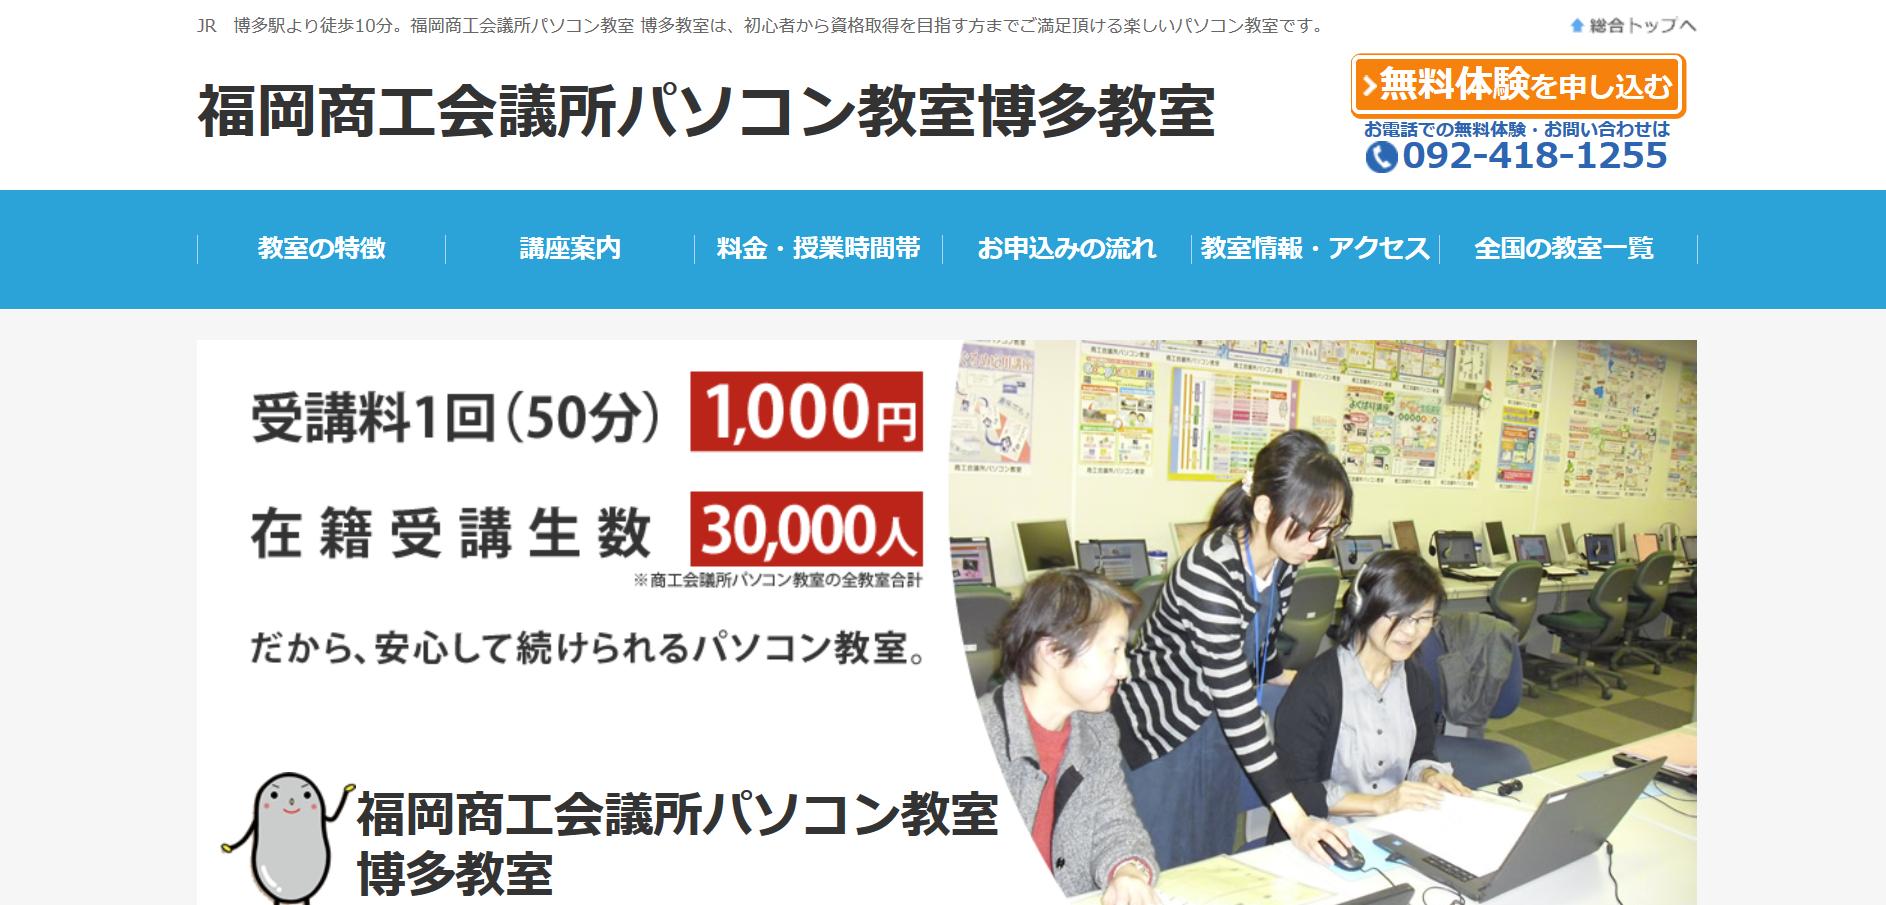 福岡商工会議所パソコン教室 博多教室の評判・口コミ